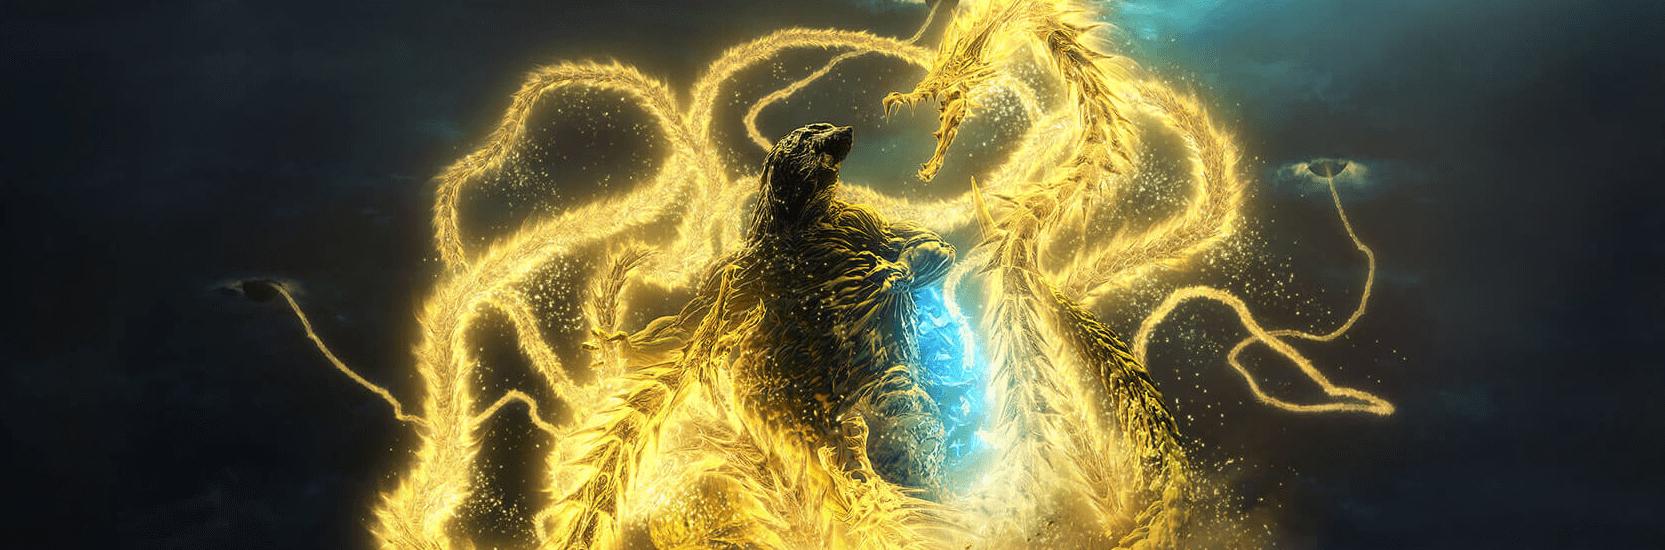 """Le plein d'infos sur """"Godzilla : The Planet Eater"""" avant sa sortie japonaise"""